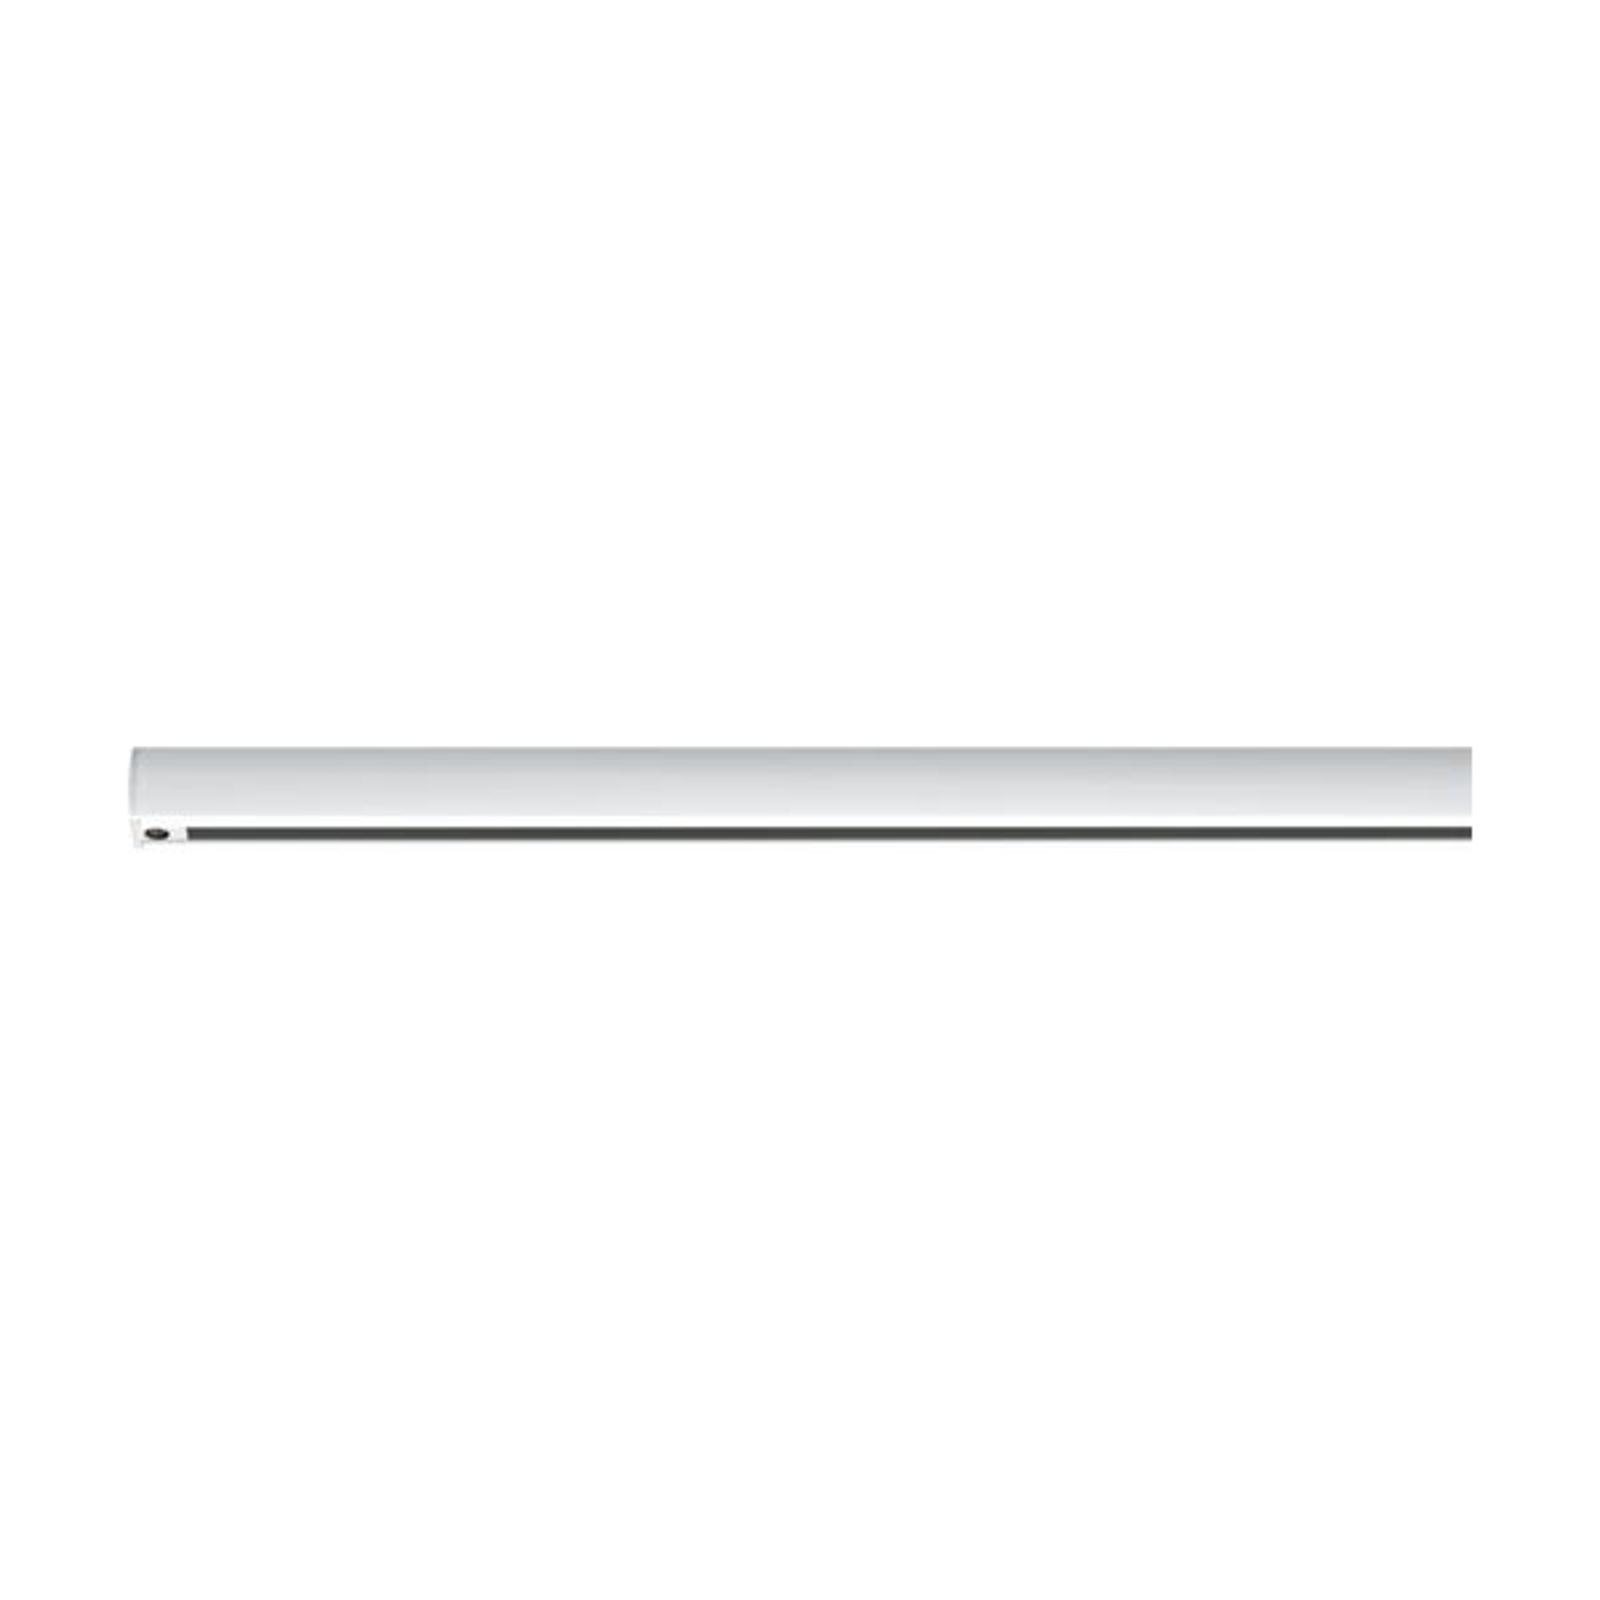 Paulmann URail Schiene 0,5 m, weiß